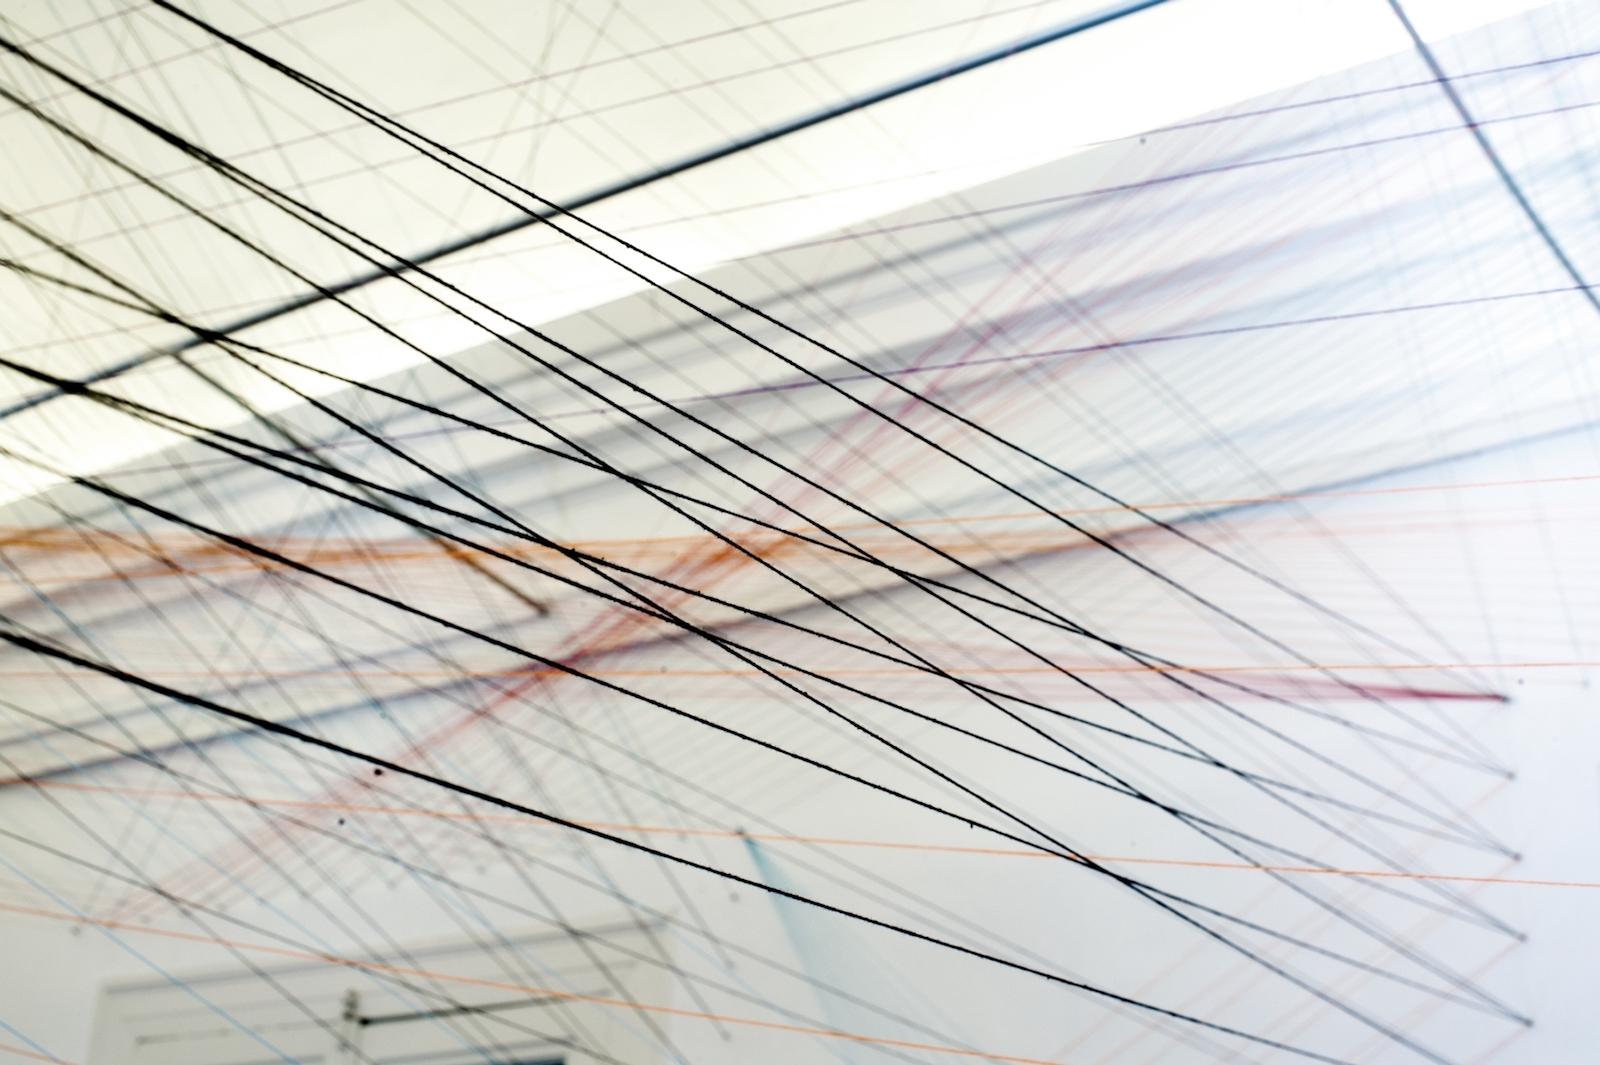 """Simone Rueβ, """"Weisses Haeusle"""", 2015, widok instalacji, Galeria Le Guern w Warszawie. Dzięki uprzejmości artystki i Galerii Le Guern (źródło: materiały prasowe organizatora)"""